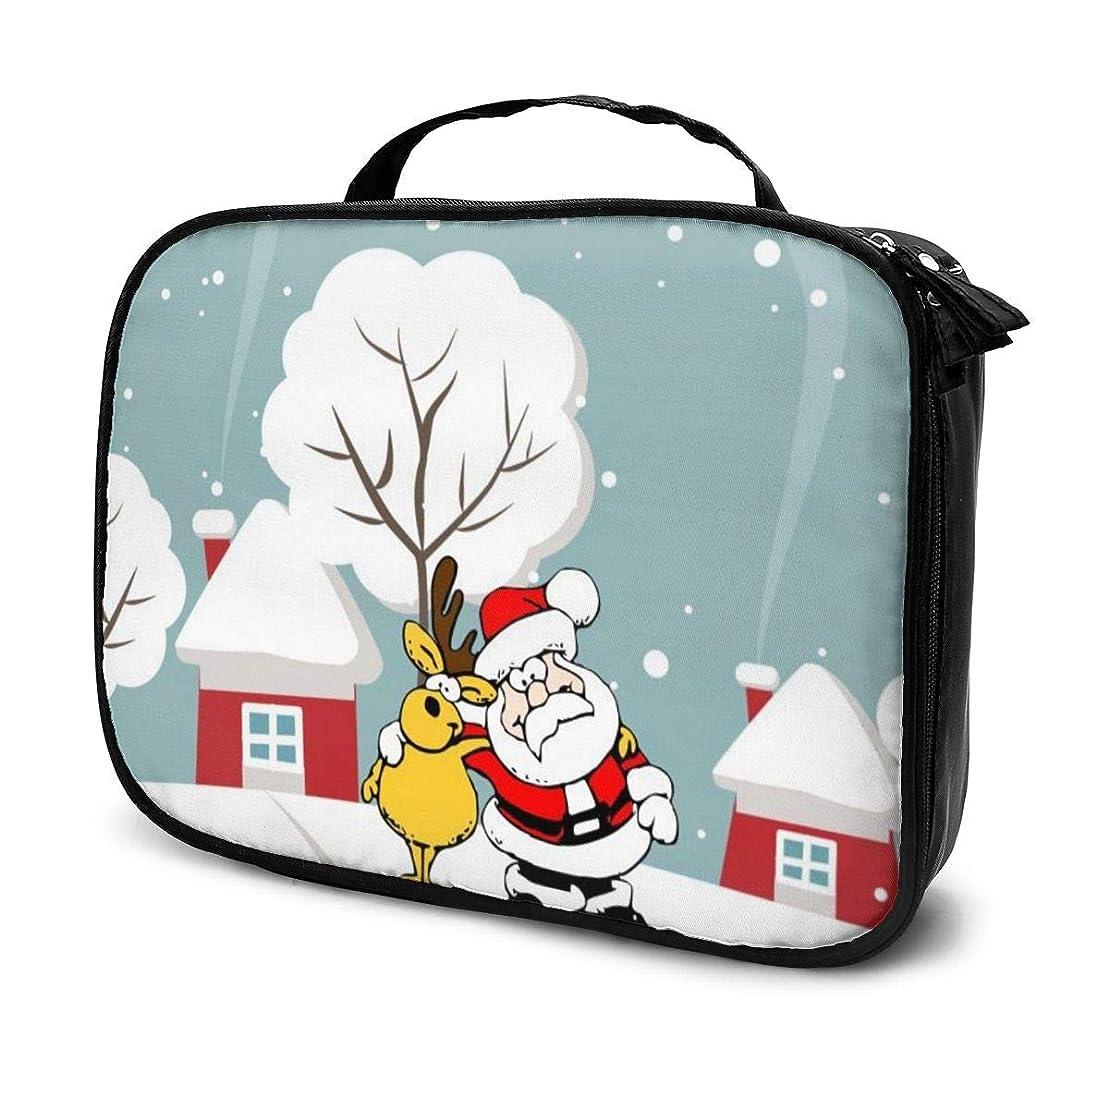 イル免除ホラー化粧品収納バッグ サンタクロース トナカイ 収納ポーチ 収納袋 化粧ポーチ 旅行の収納 化粧バッグ ウォッシュバッグ 多機能 旅行用品 おしゃれな 男女兼用